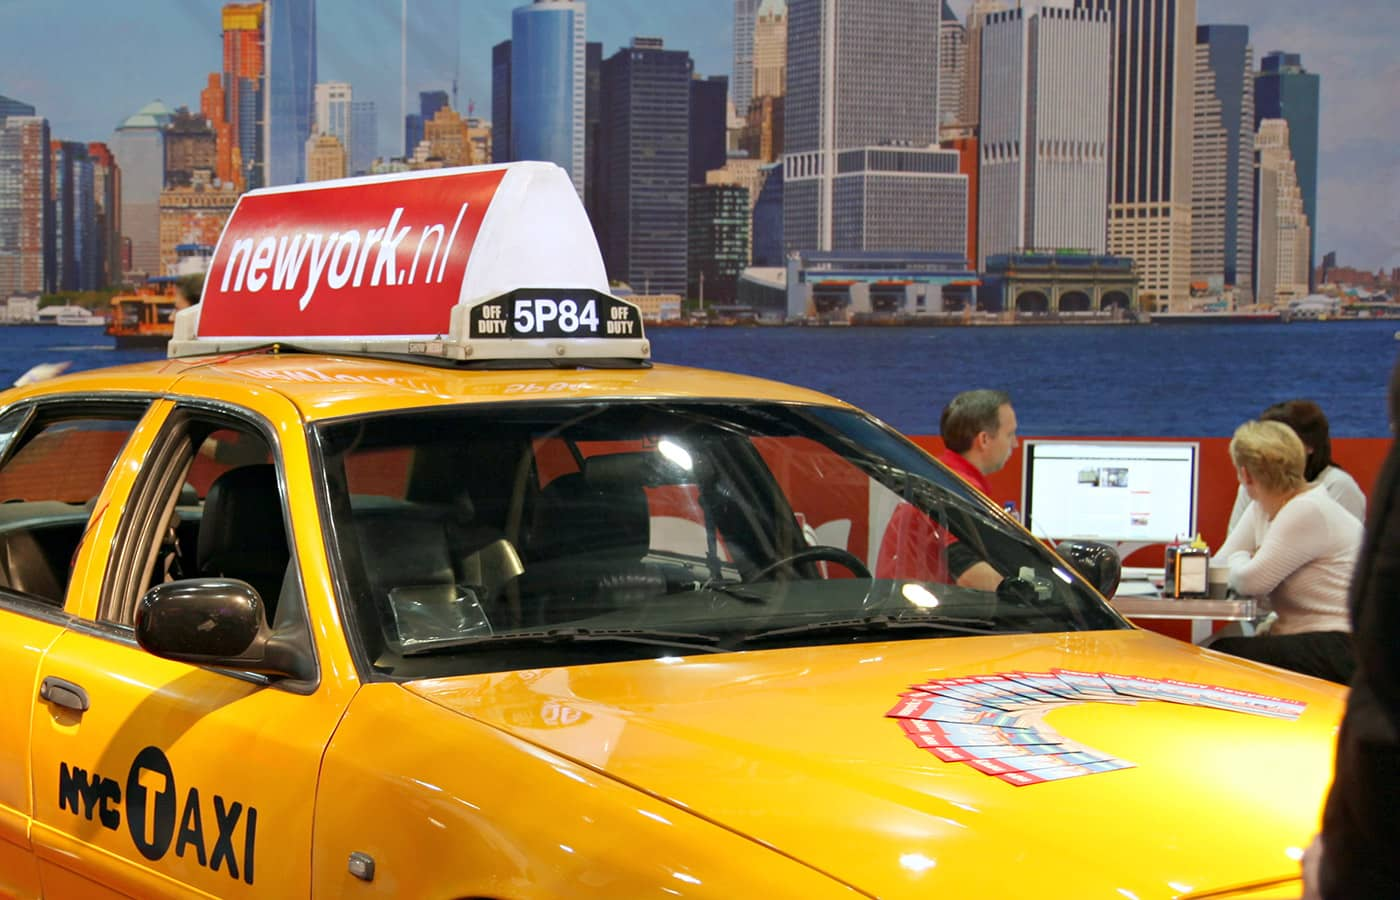 NewYork.nl op Vakantiebeurs 2019 - yellow cab